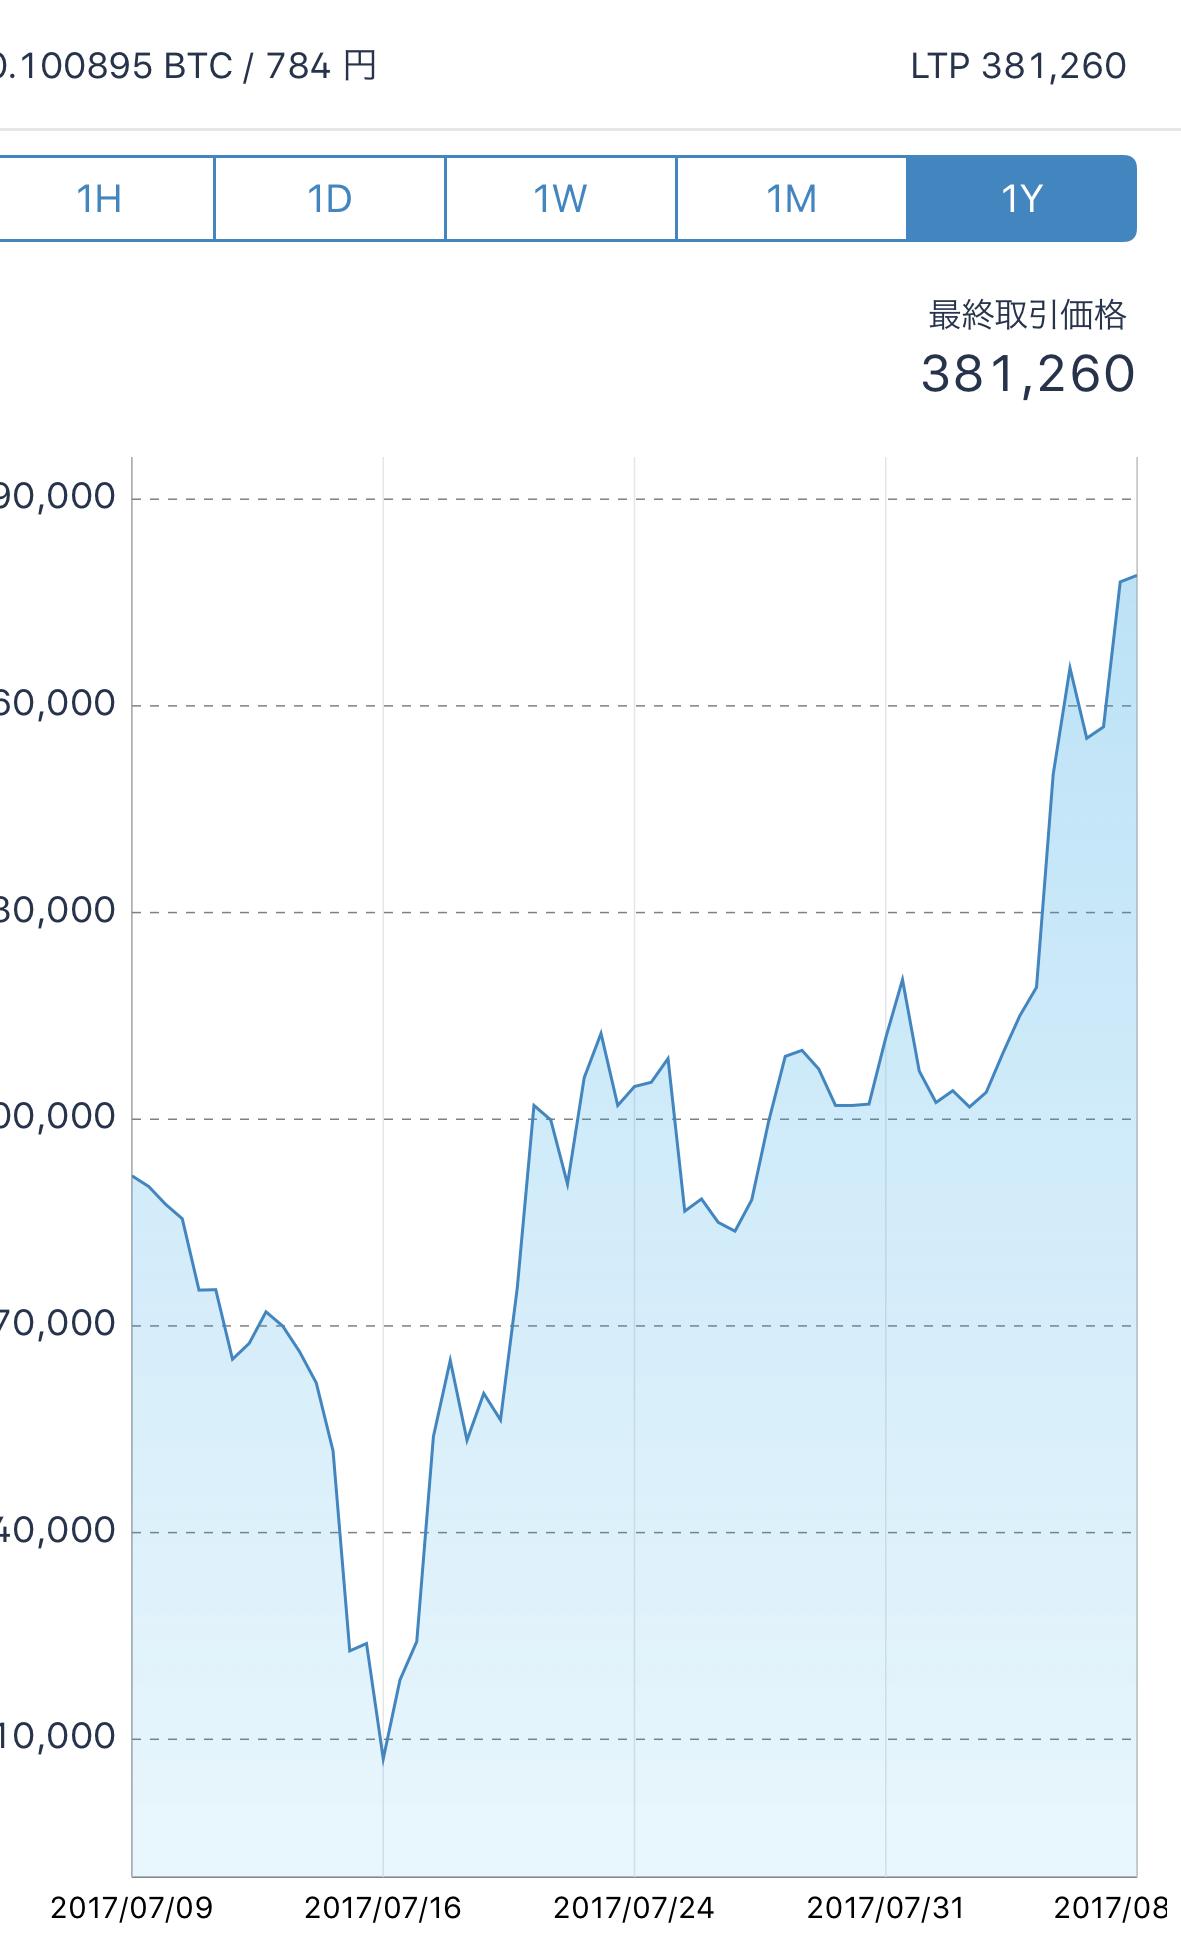 ビットコインで1万円買って半年たった時の値段は?